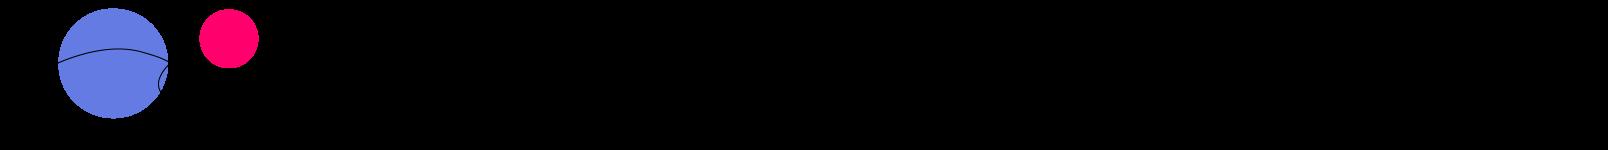 divisor 2